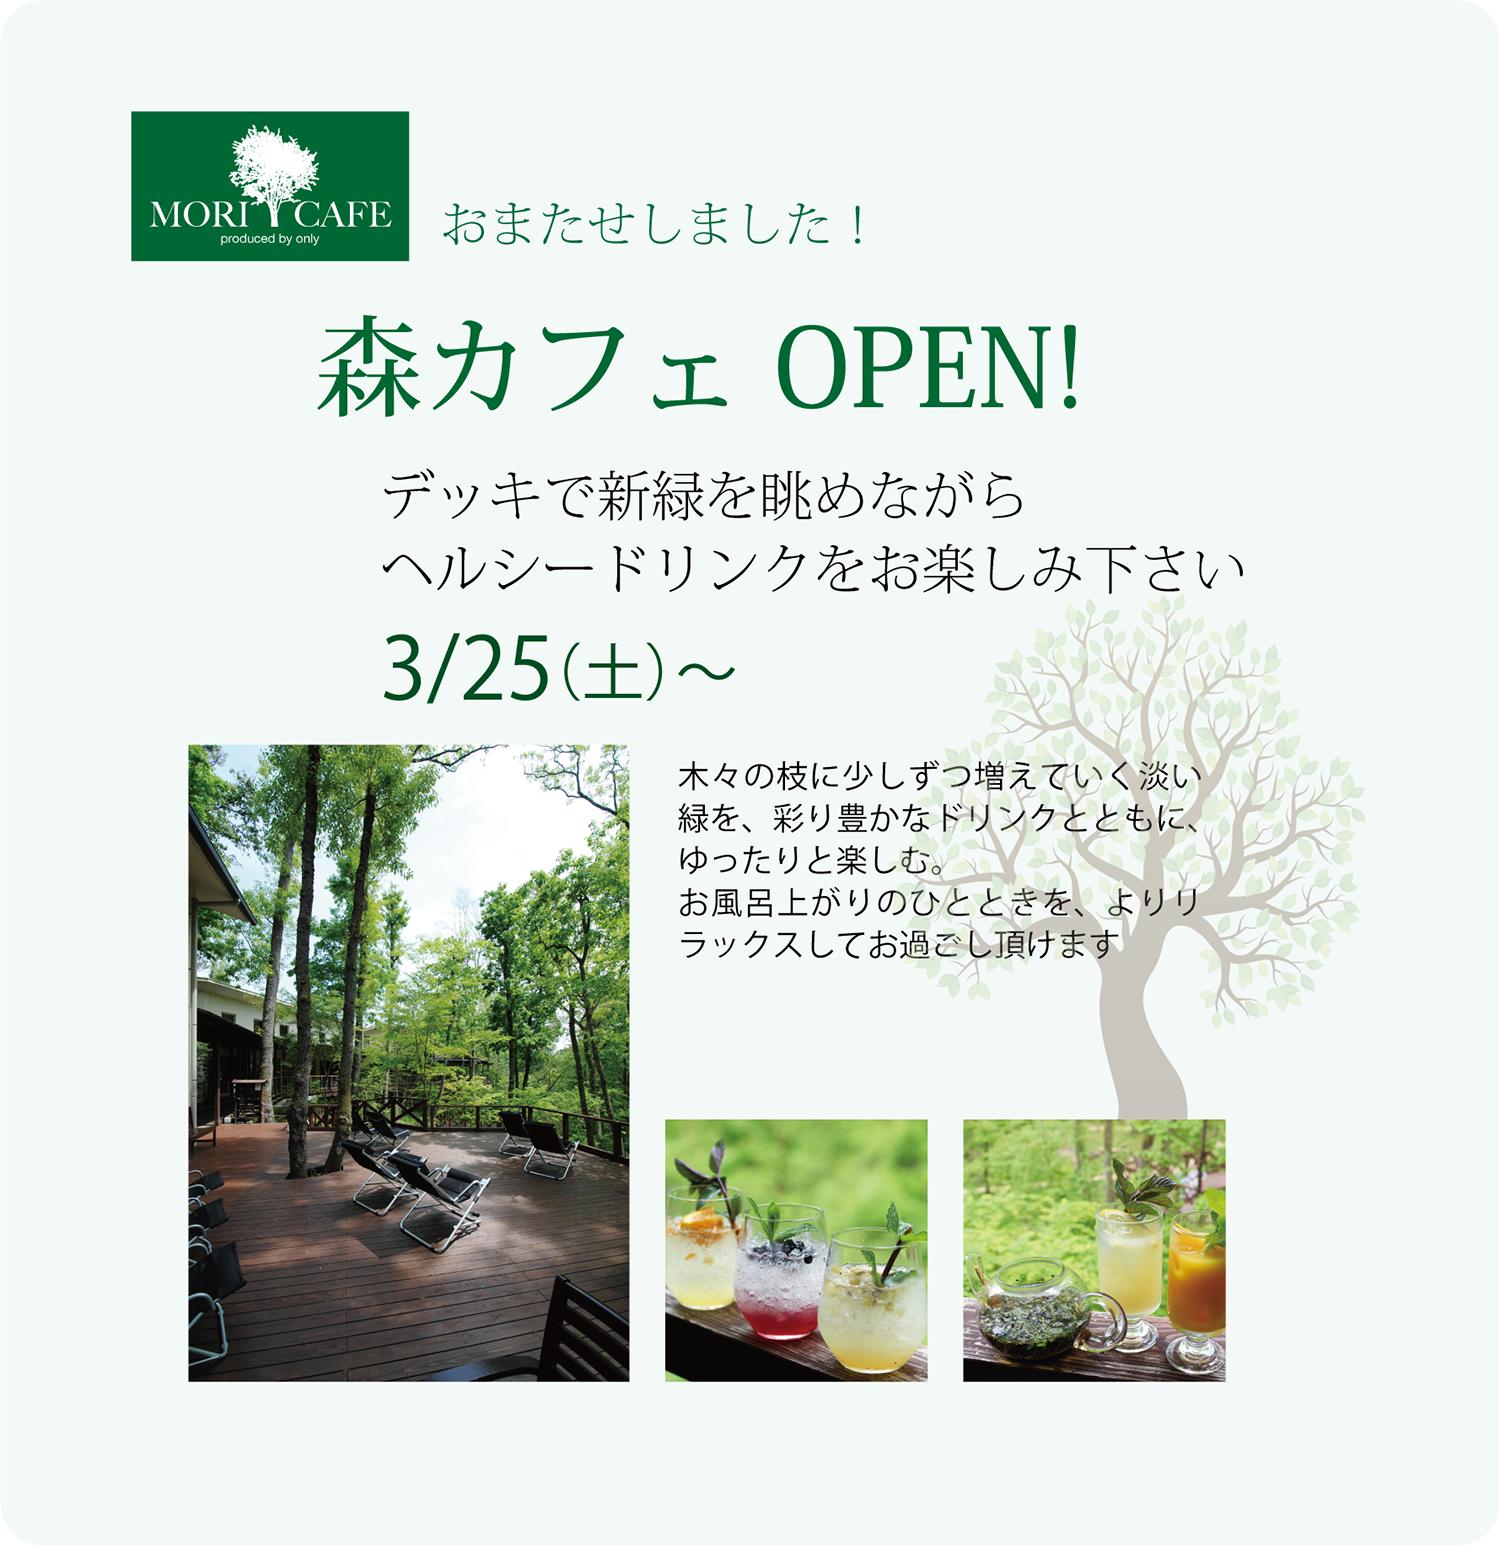 今年も森カフェがオープンします!